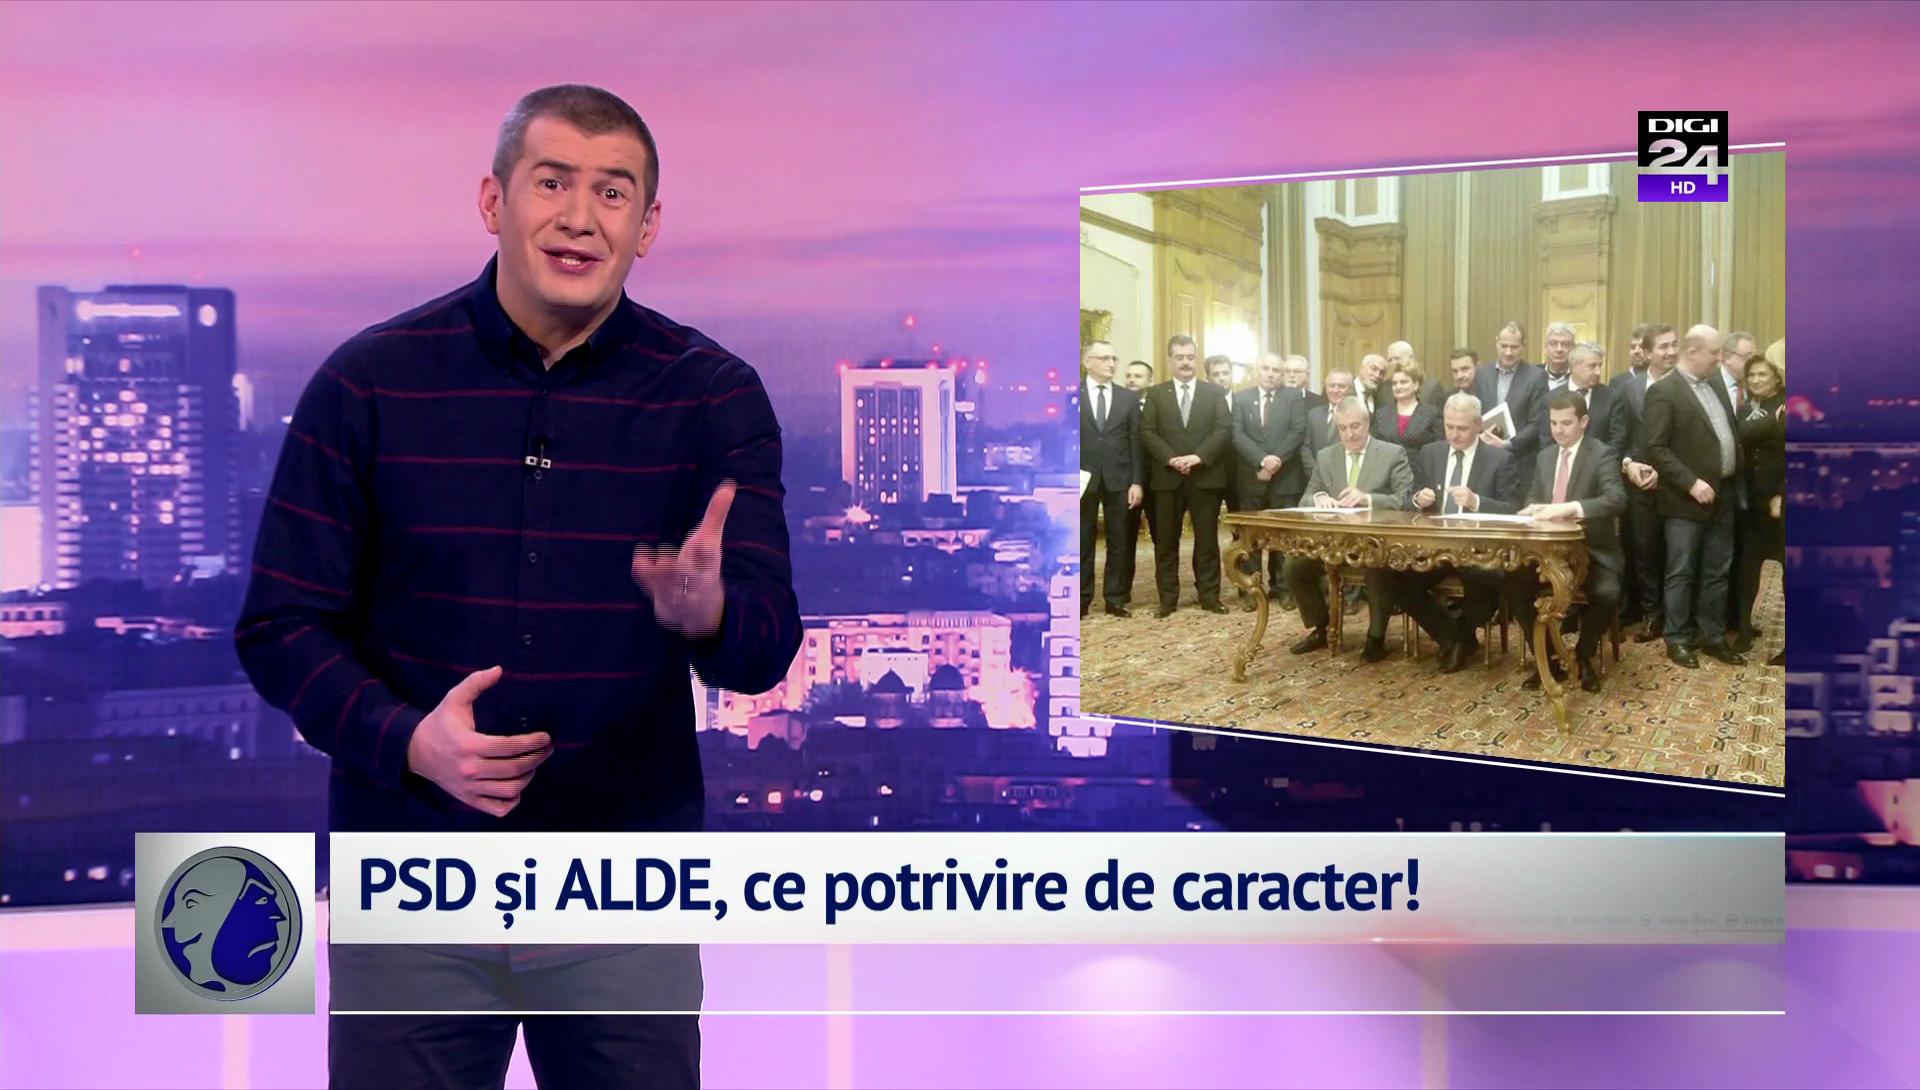 PSD și ALDE, ce potrivire de caracter!